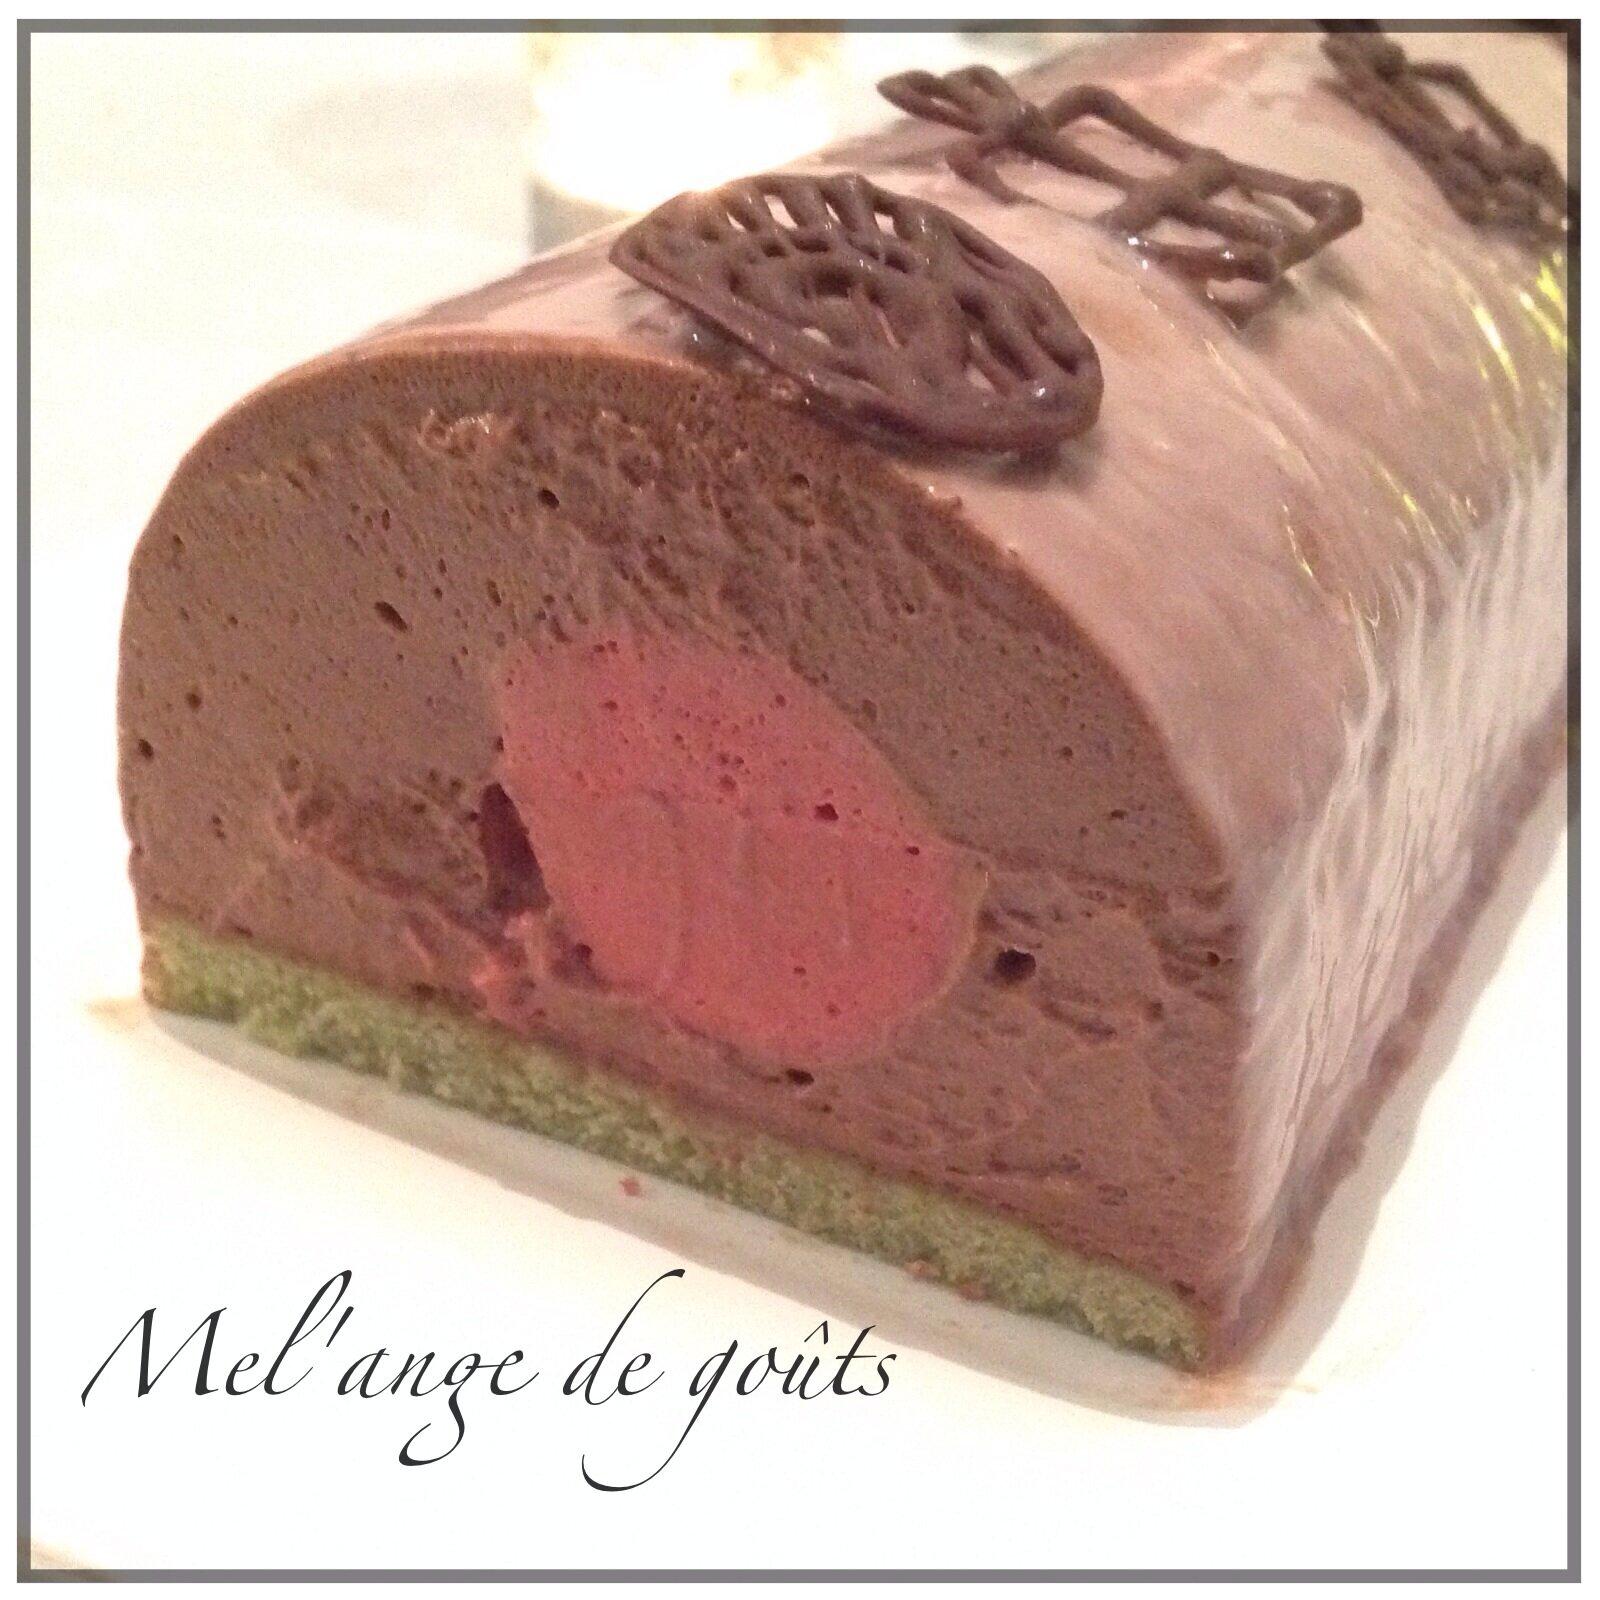 Buche Chocolat Framboise Biscuit Pistache Mel Ange De Gouts